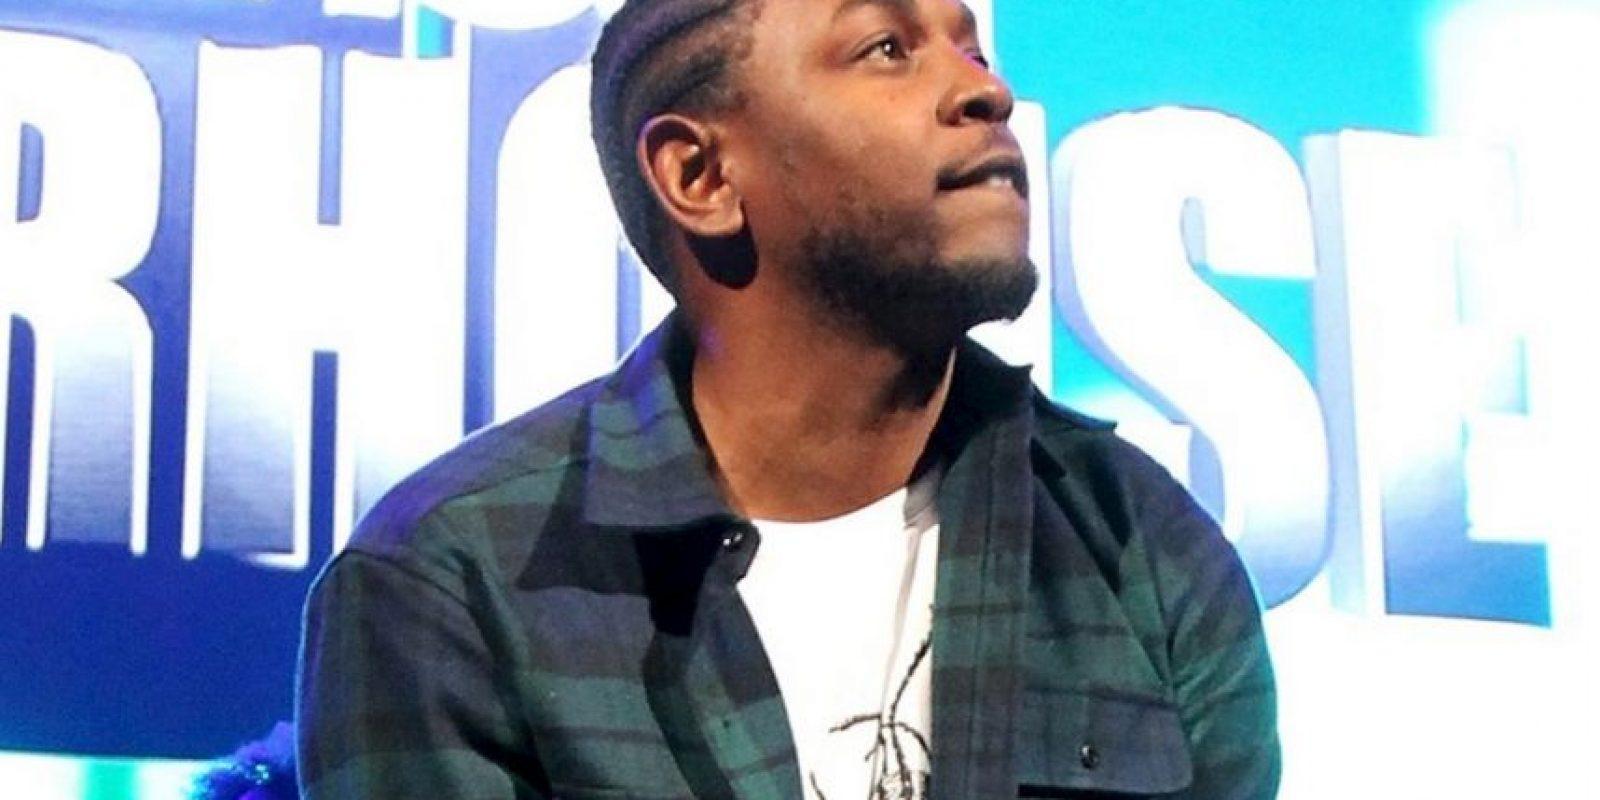 El rapero Kendrick Lamar es una de las cartas fuertes de la industria musical en el último año. Foto:Getty Images